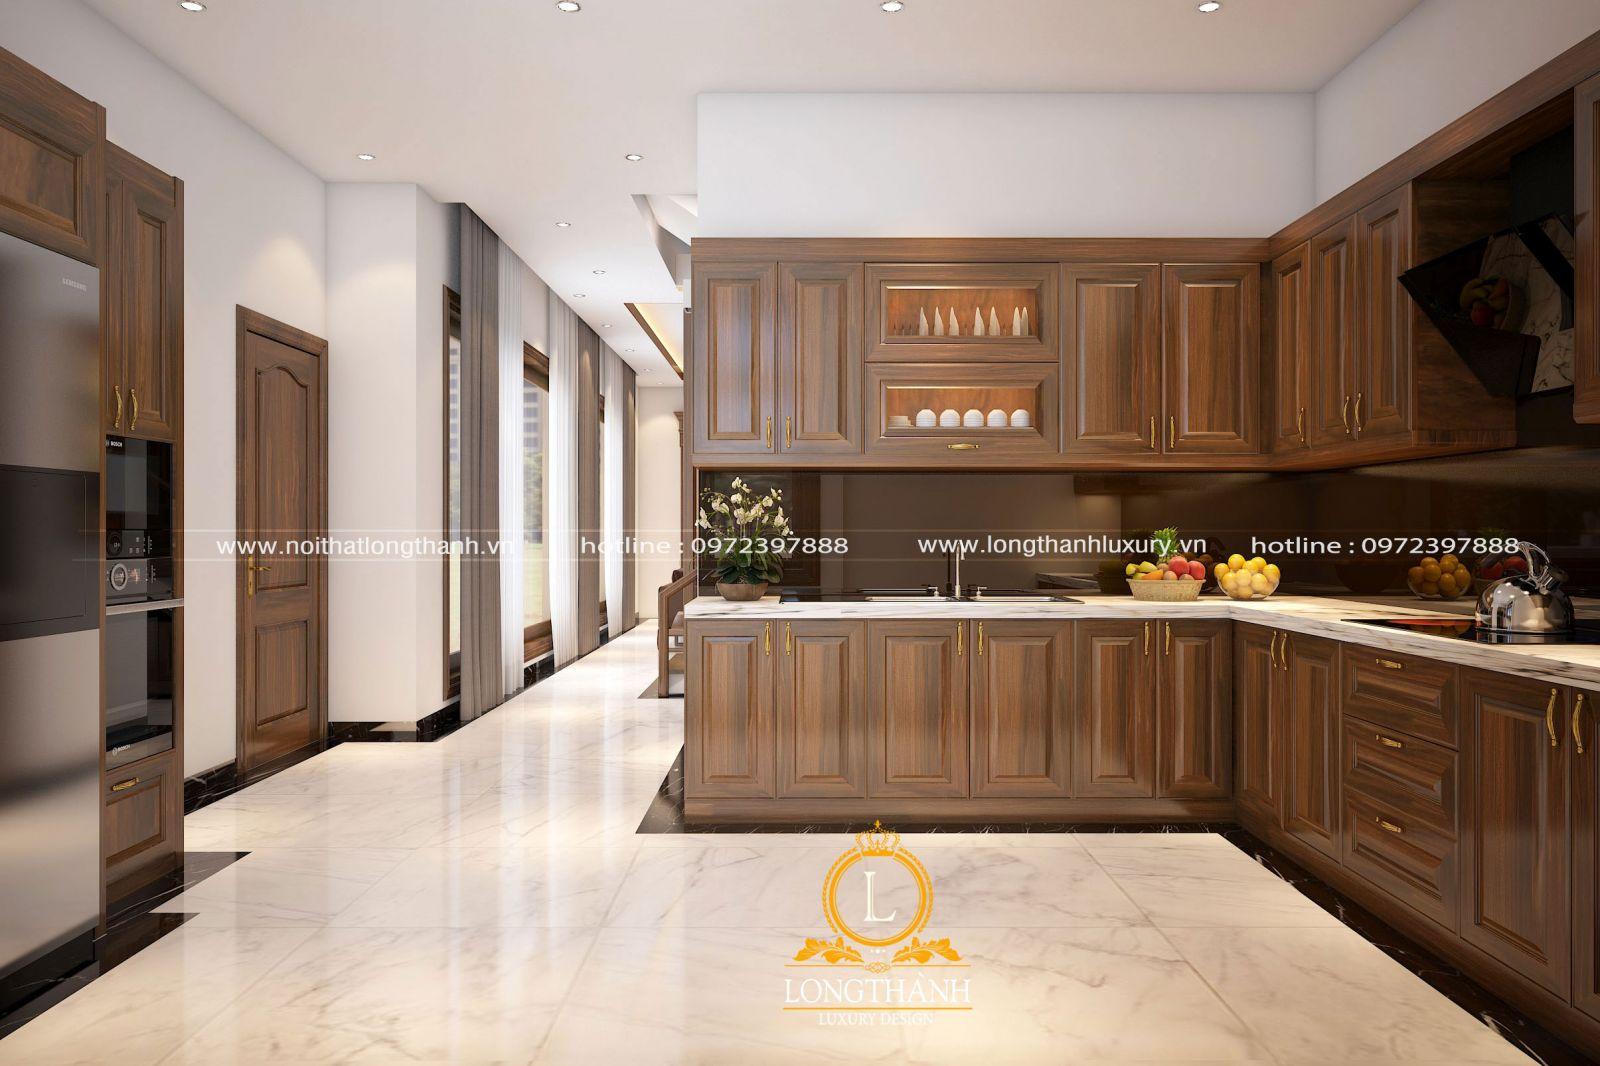 Màu sắc sử dụng trong nhà bếp cũng được cân nhắc lựa chọn phù hợp mệnh gia chủ